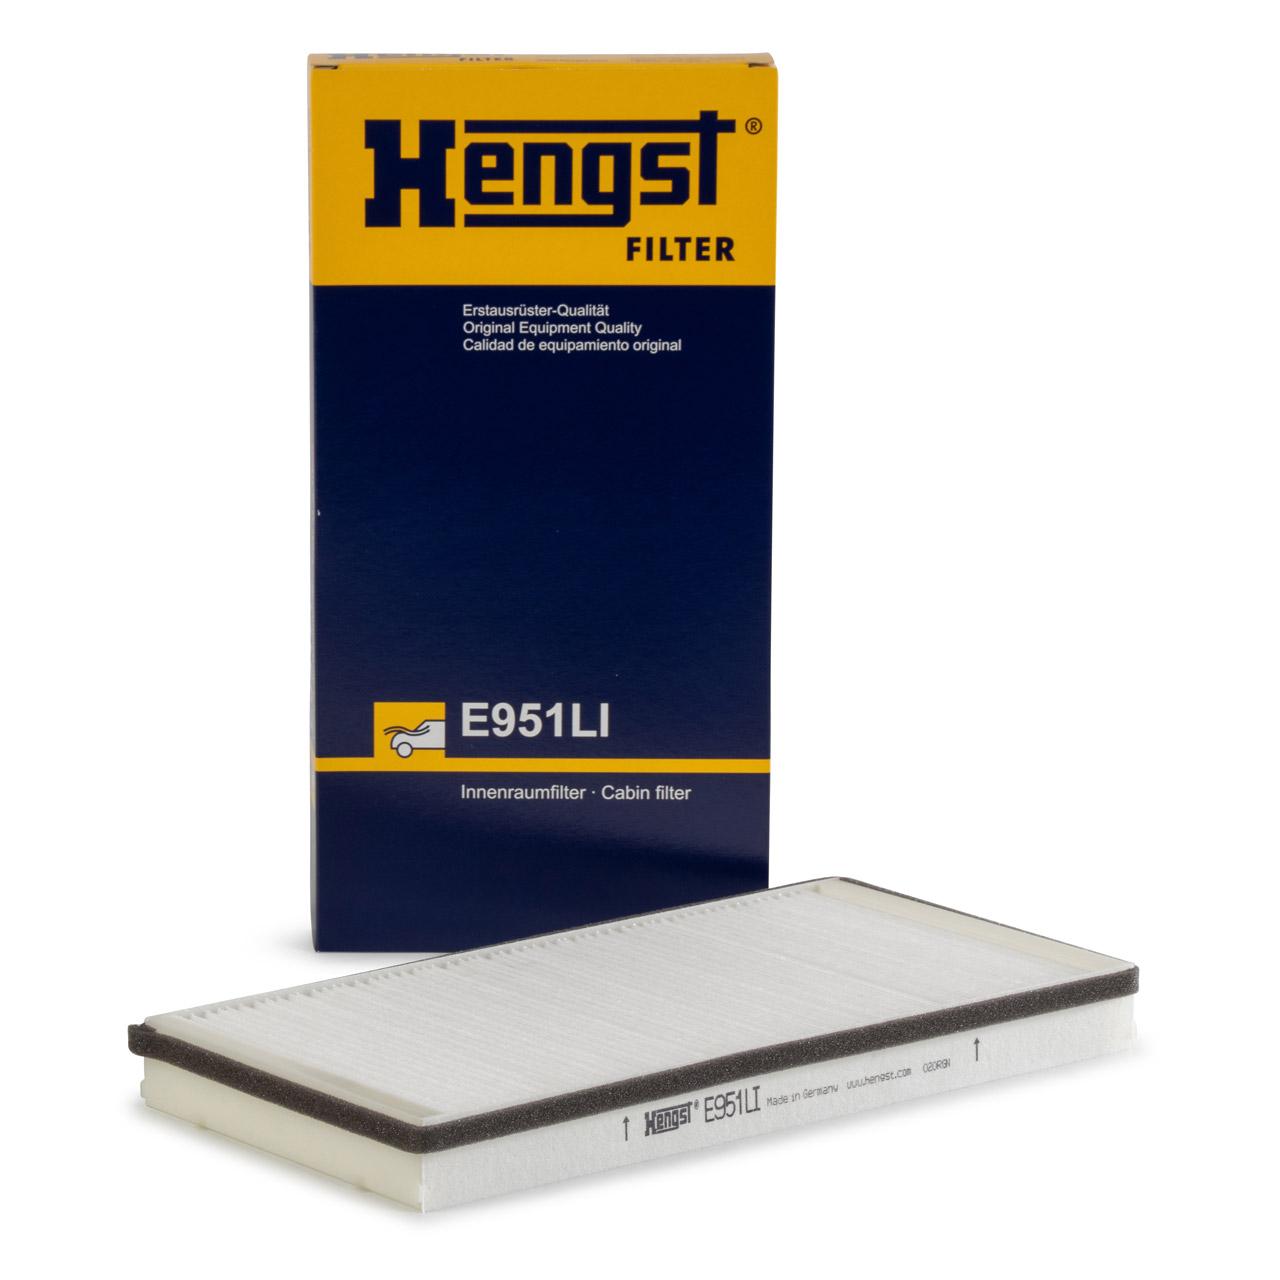 HENGST E951LI Innenraumfilter für PORSCHE 911 (996 997) BOXSTER CAYMAN (986 987)